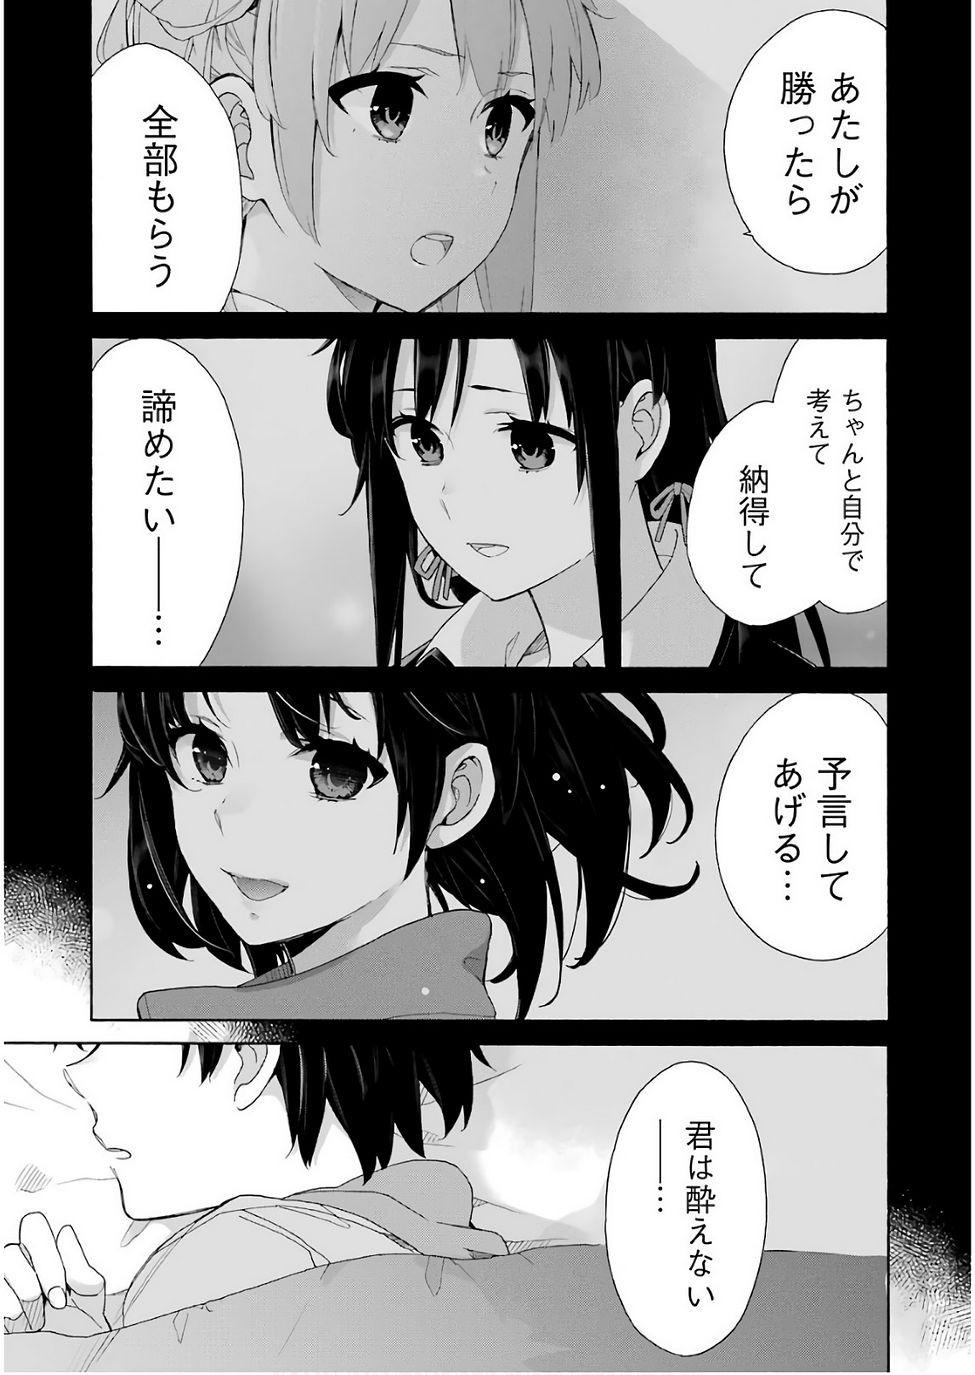 Yahari Ore no Seishun Rabukome wa Machigatte Iru. - Monologue - Chapter 63 - Page 1